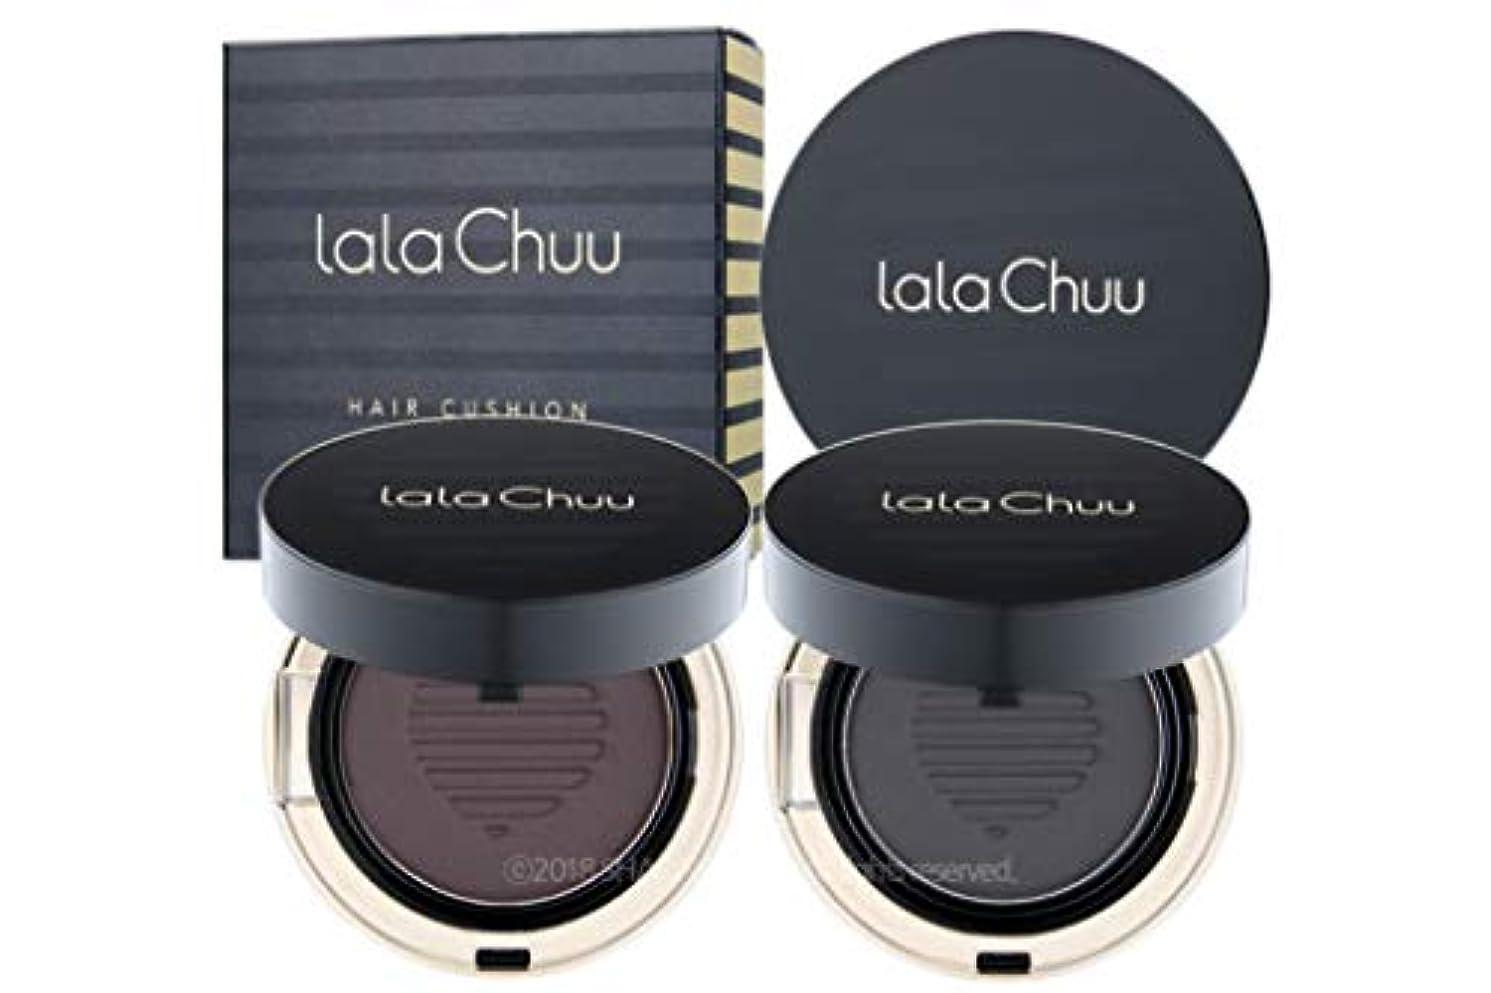 それによってレスリングピストン[LALACHUU] ラチュボリュームヘアクッション 15g / lala Chuu VOLUME HAIR CUSHION 15g [並行輸入品] (Natural Black)